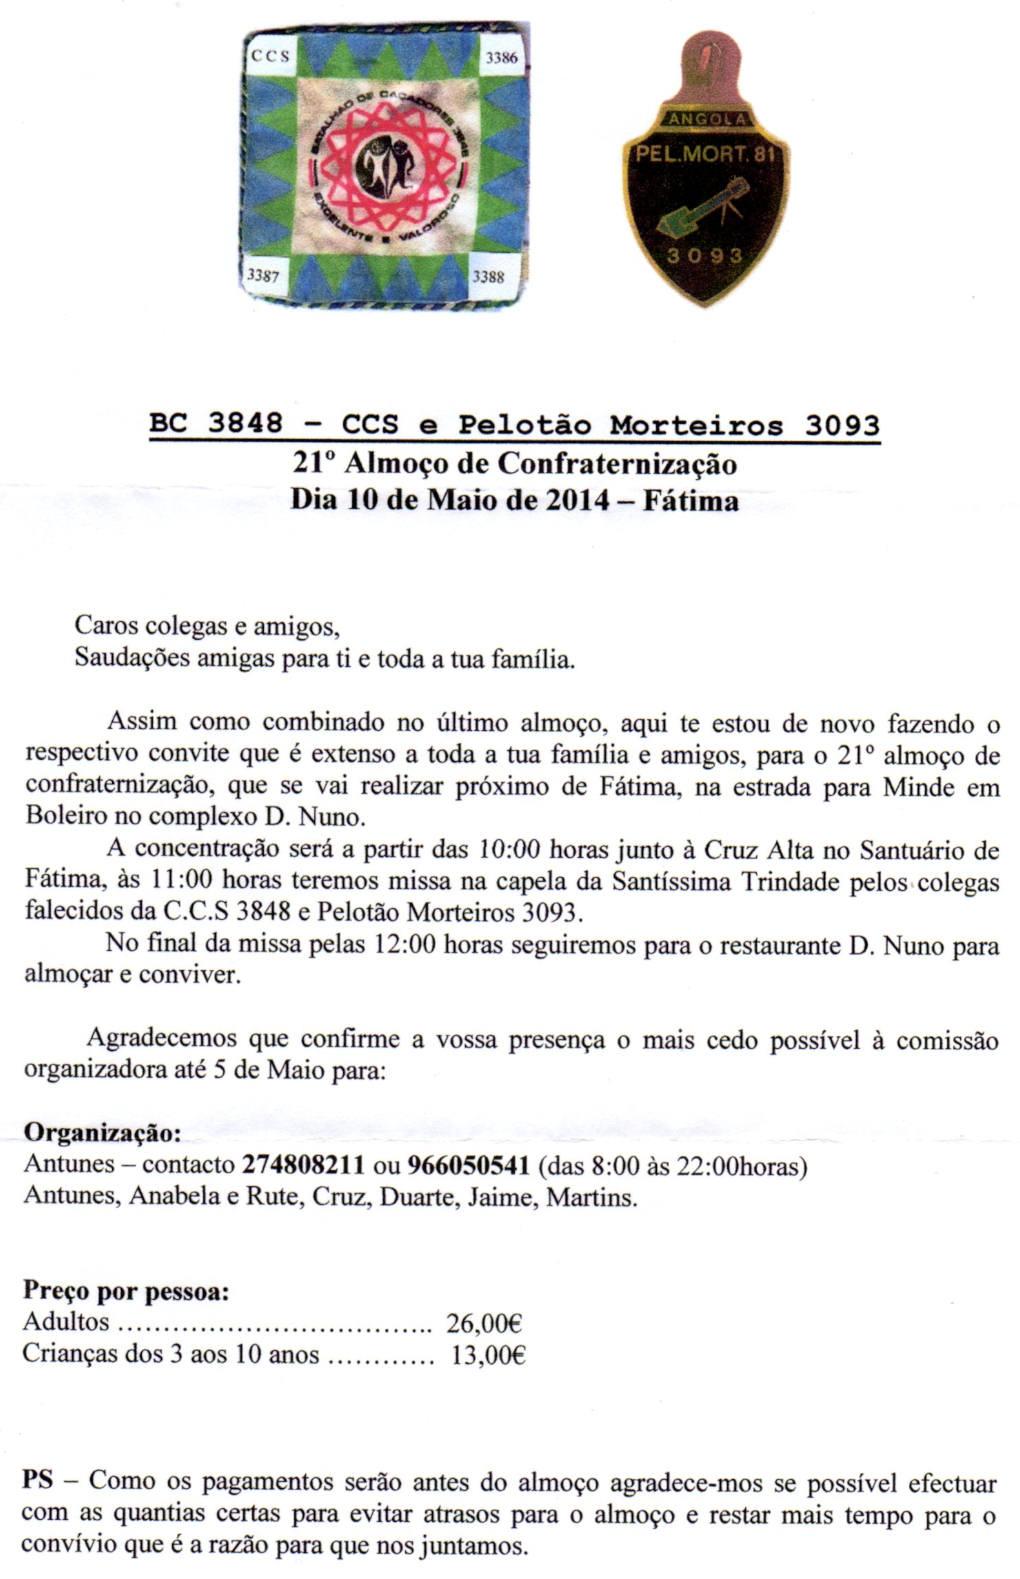 21.º Convívio da CCS/BCac3848 e PelMort3093 - Fátima - 10Mai2014 Bcac3810